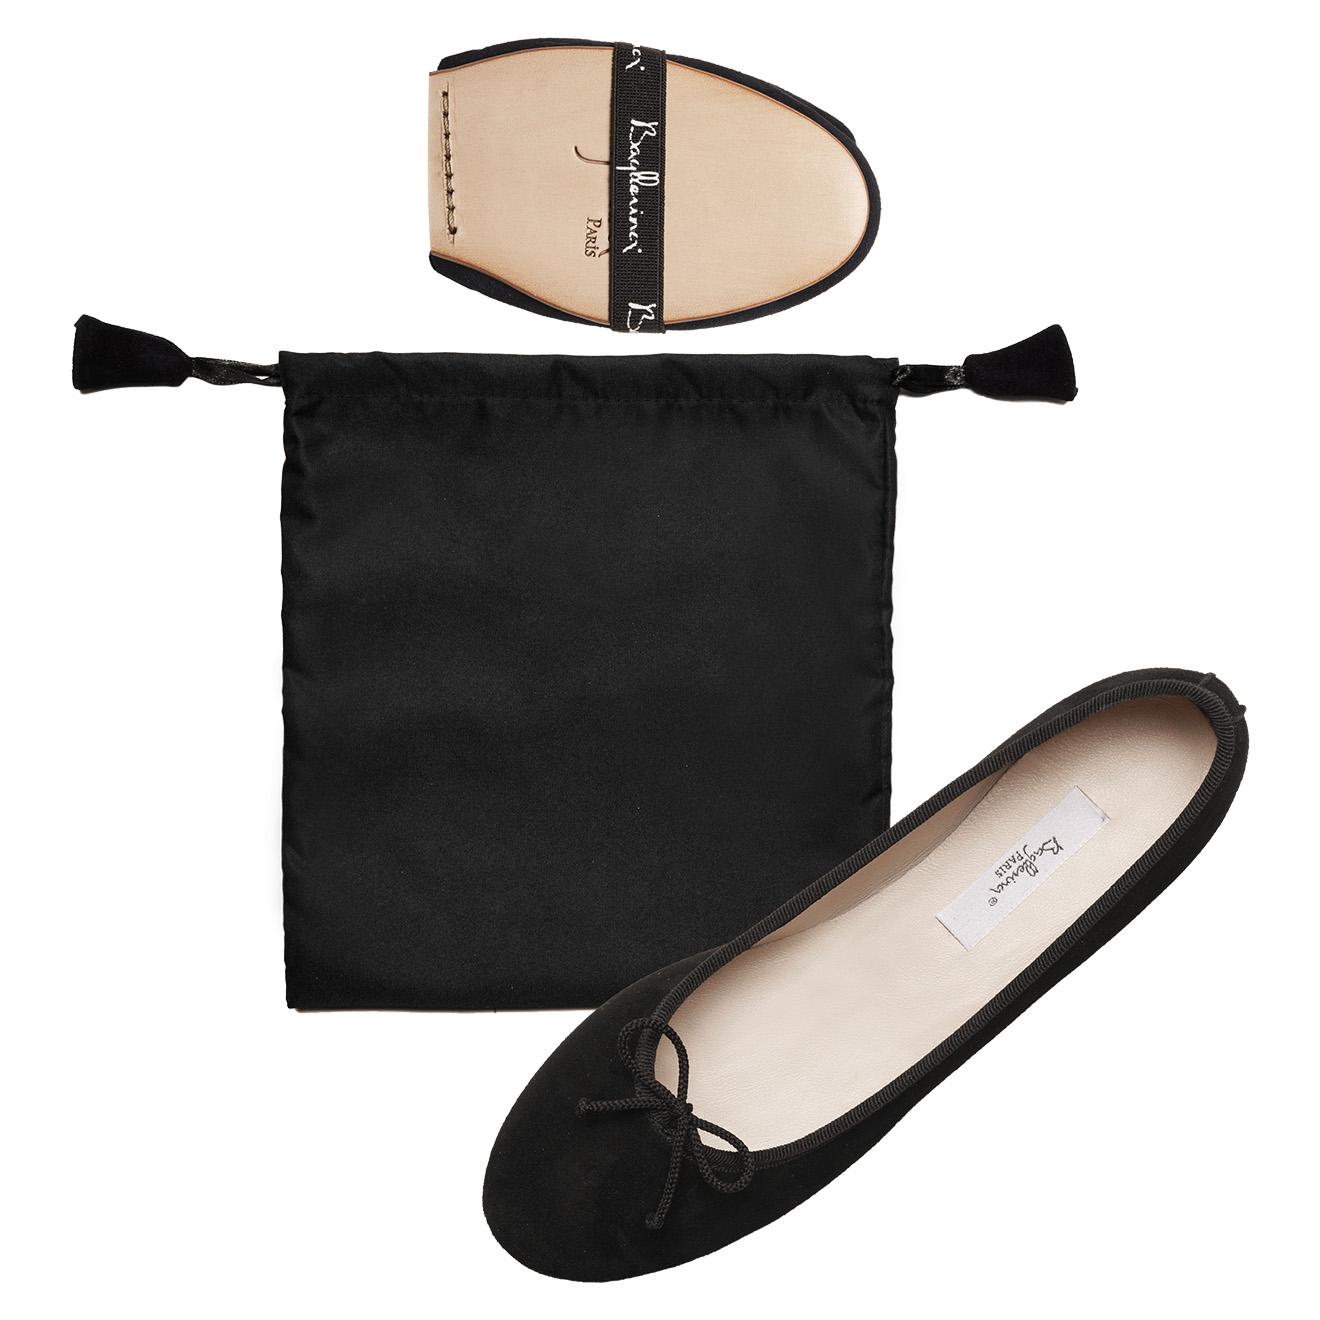 Ballerines Pliables en Velours de Cuir Couture Spicy noires